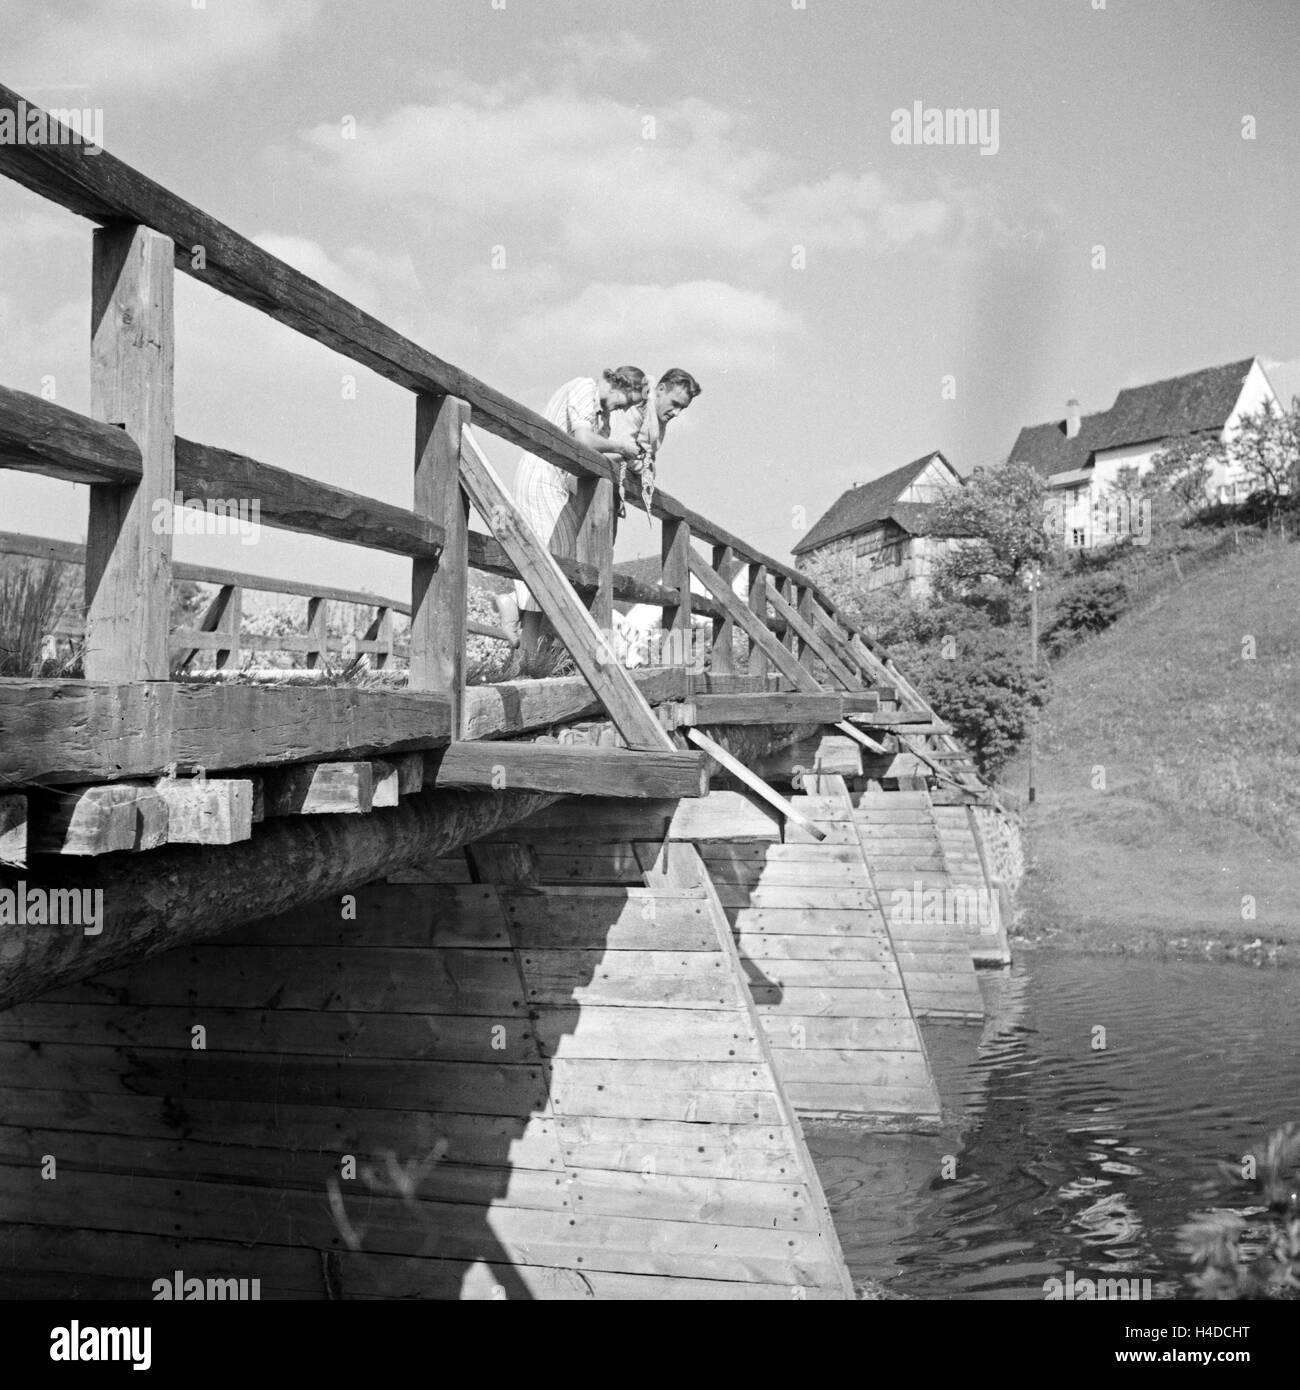 Auf der Brücke Nach GUtenstein Bei Sigmaringen, Deutschland 1930er Jahre. Auf der Brücke zu Gutenstein Stockbild